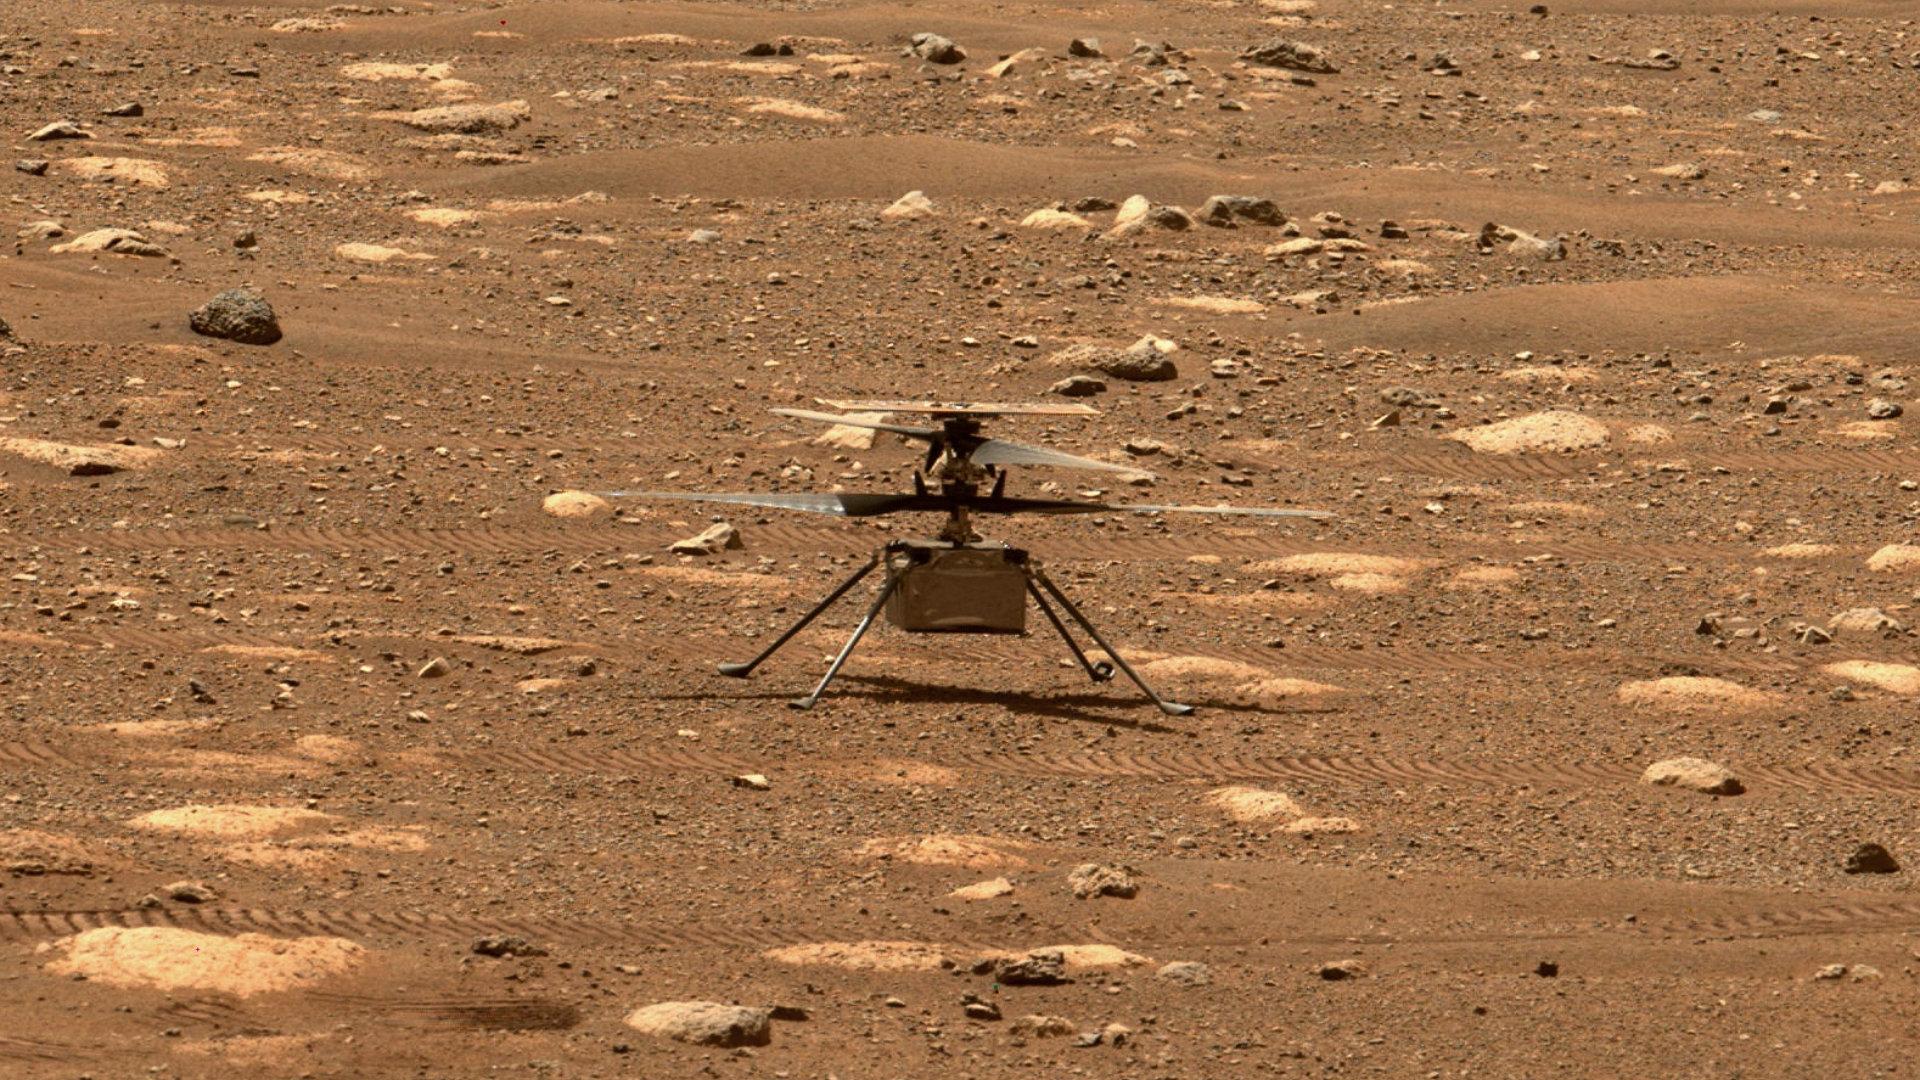 Pourquoi le premier vol de l'hélicoptère Ingenuity sur Mars est reporté